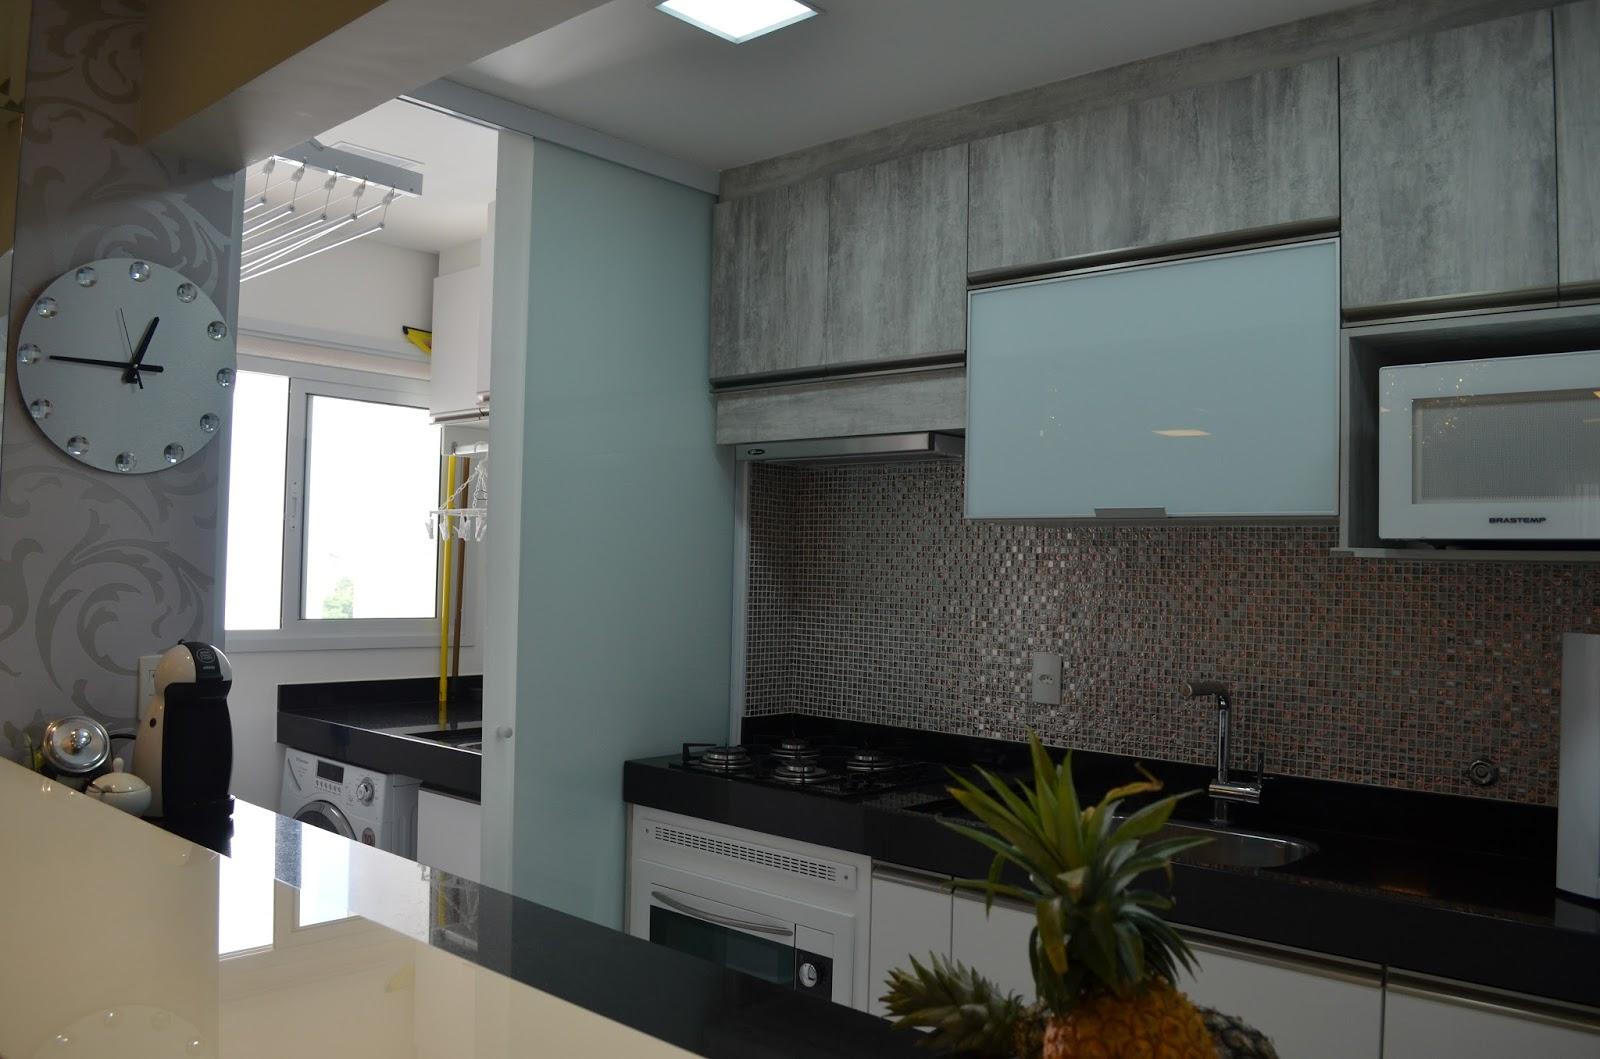 #594F44 16  Porta de correr de vidro jateado separando a cozinha da lavanderia  1600x1059 px Projetos De Cozinhas Pequenas Com Lavanderia #663 imagens